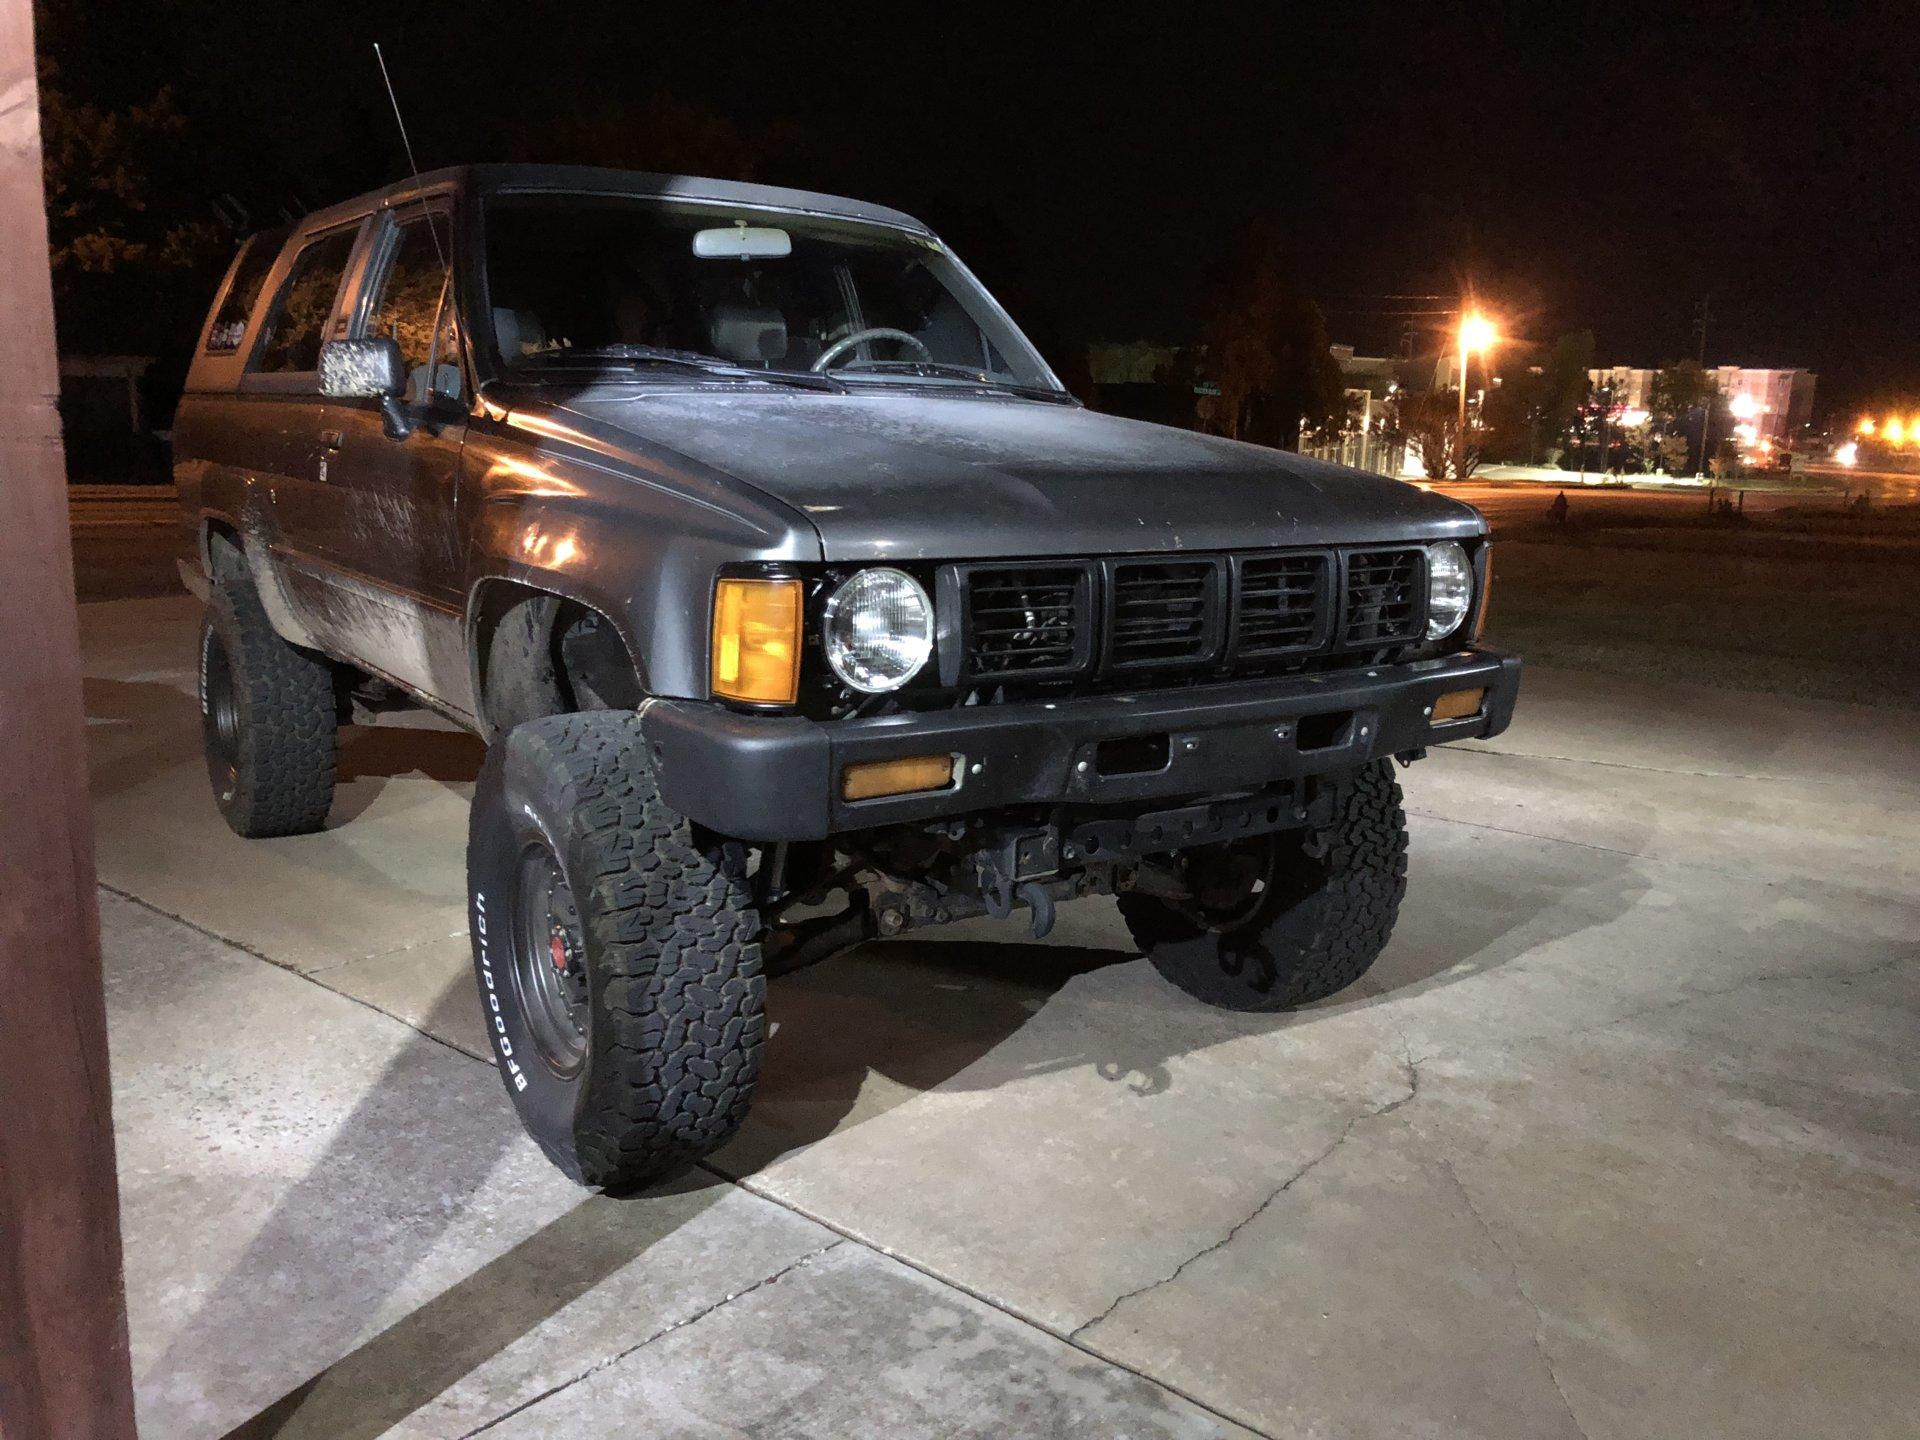 1st Gen Pickup Grille 7 Round Lights Installed On 1st Gen 4runner Ih8mud Forum